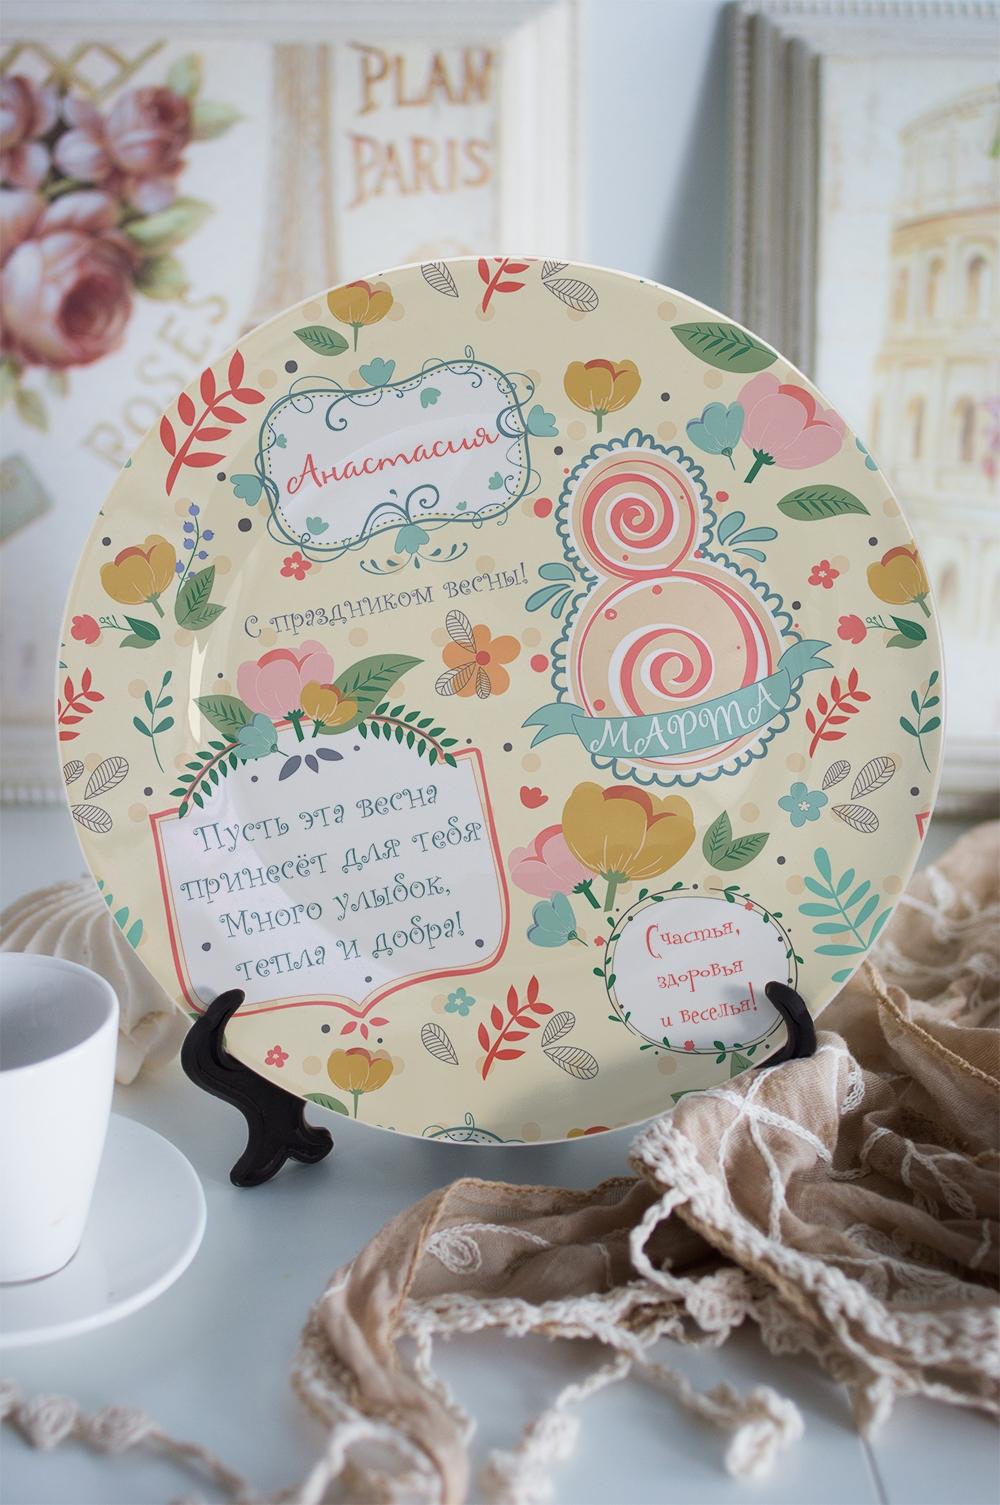 Тарелка декоративная с вашим текстом С праздником весны!Тарелки и пиалы<br>Подарите необыкновенный сувенир с индивидуальной надписью и именем – такая декоративная тарелка станет эксклюзивным украшением для интерьера и незабываемым подарком! Выберите понравившийся фон, впишите любимую фразу, имя получателя. Диаметр 20см<br>